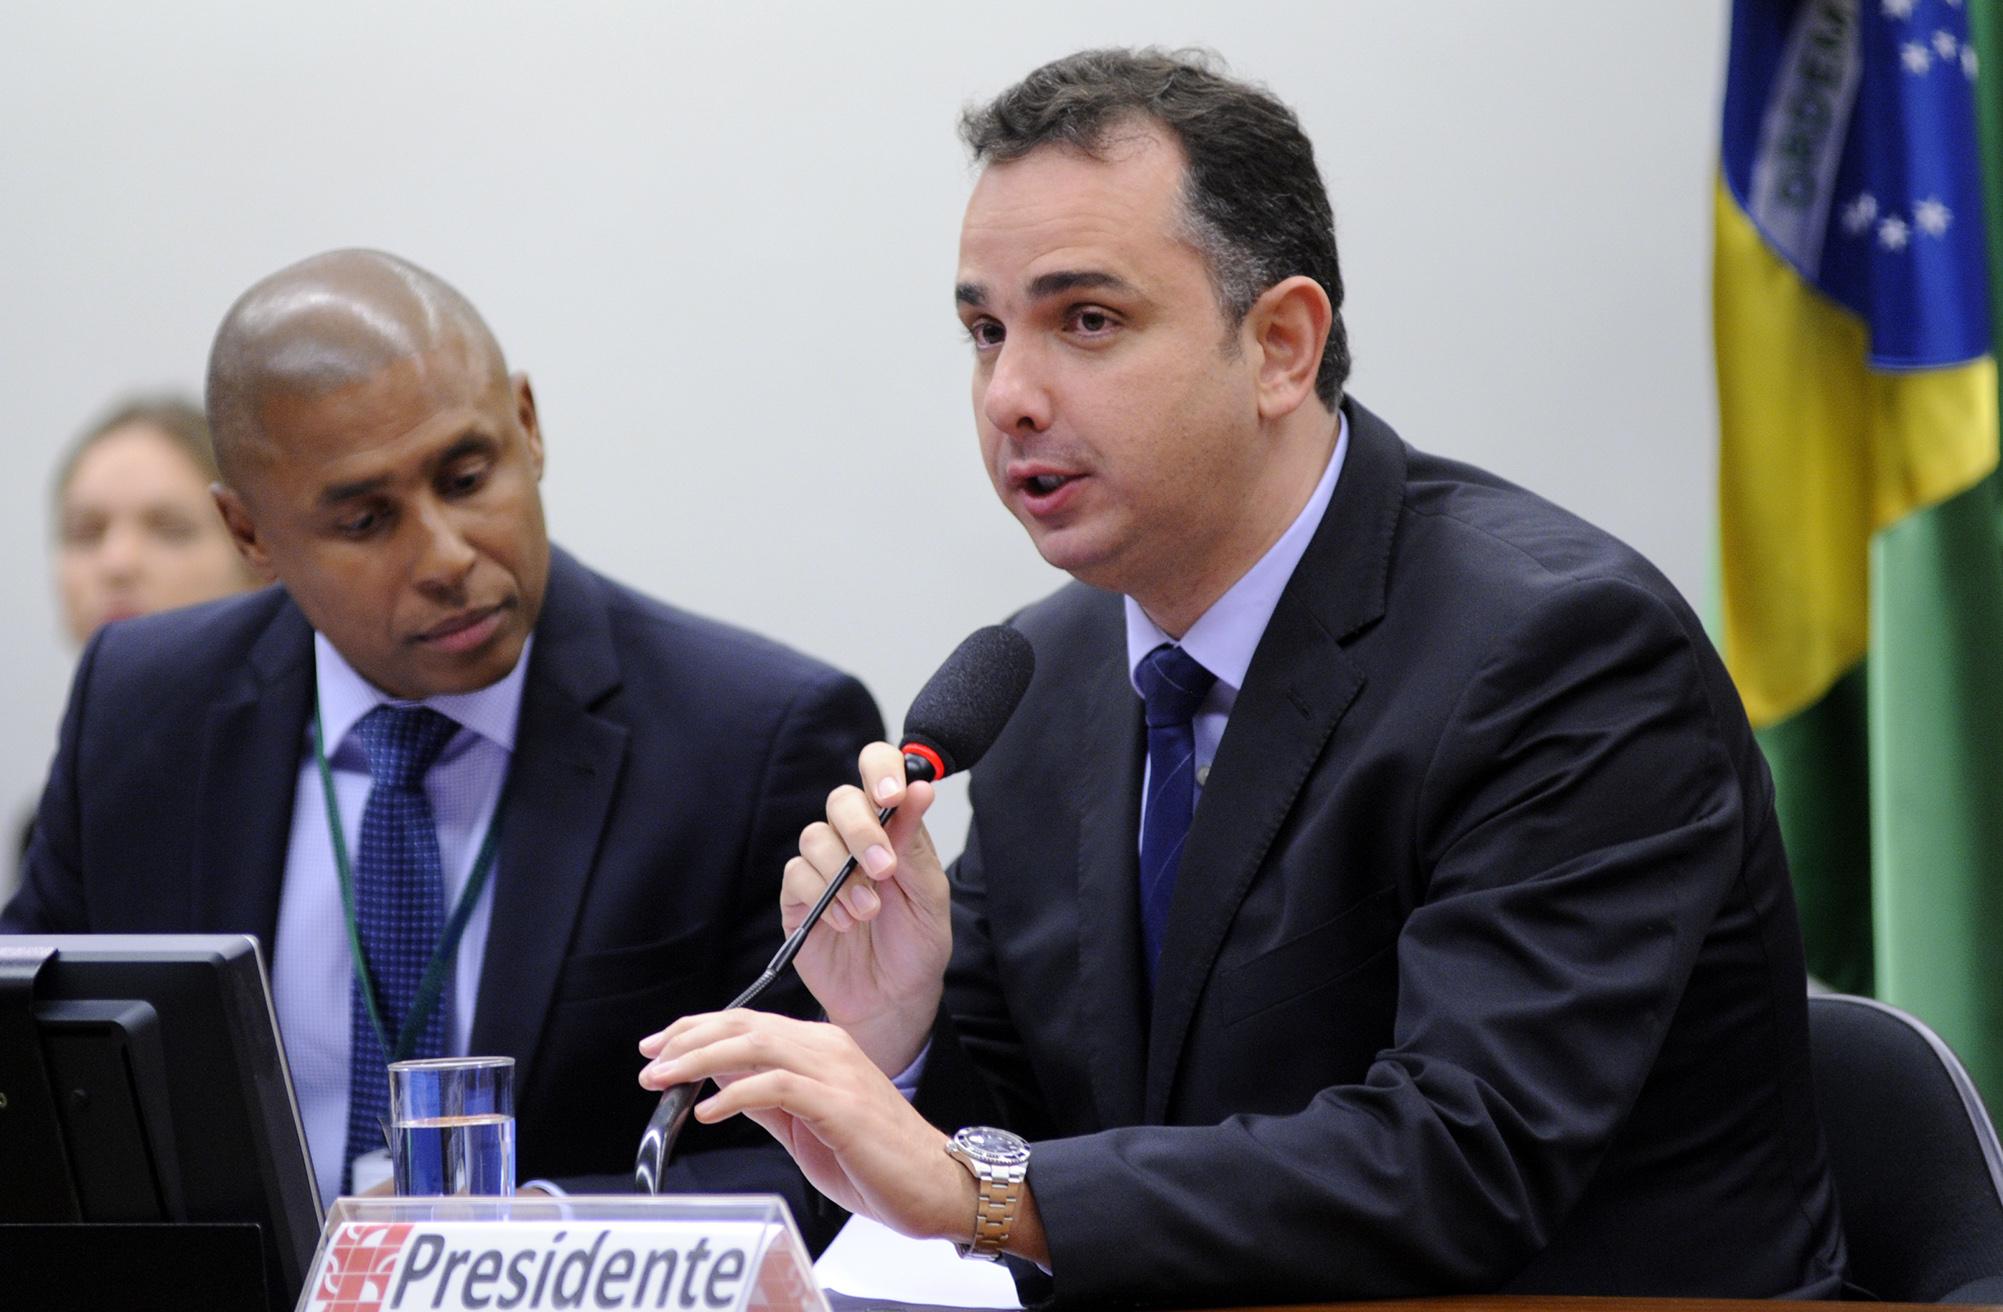 Reunião de instalação da comissão e eleição do novo presidente. Presidente eleito, dep. Rodrigo Pacheco (PMDB-MG)